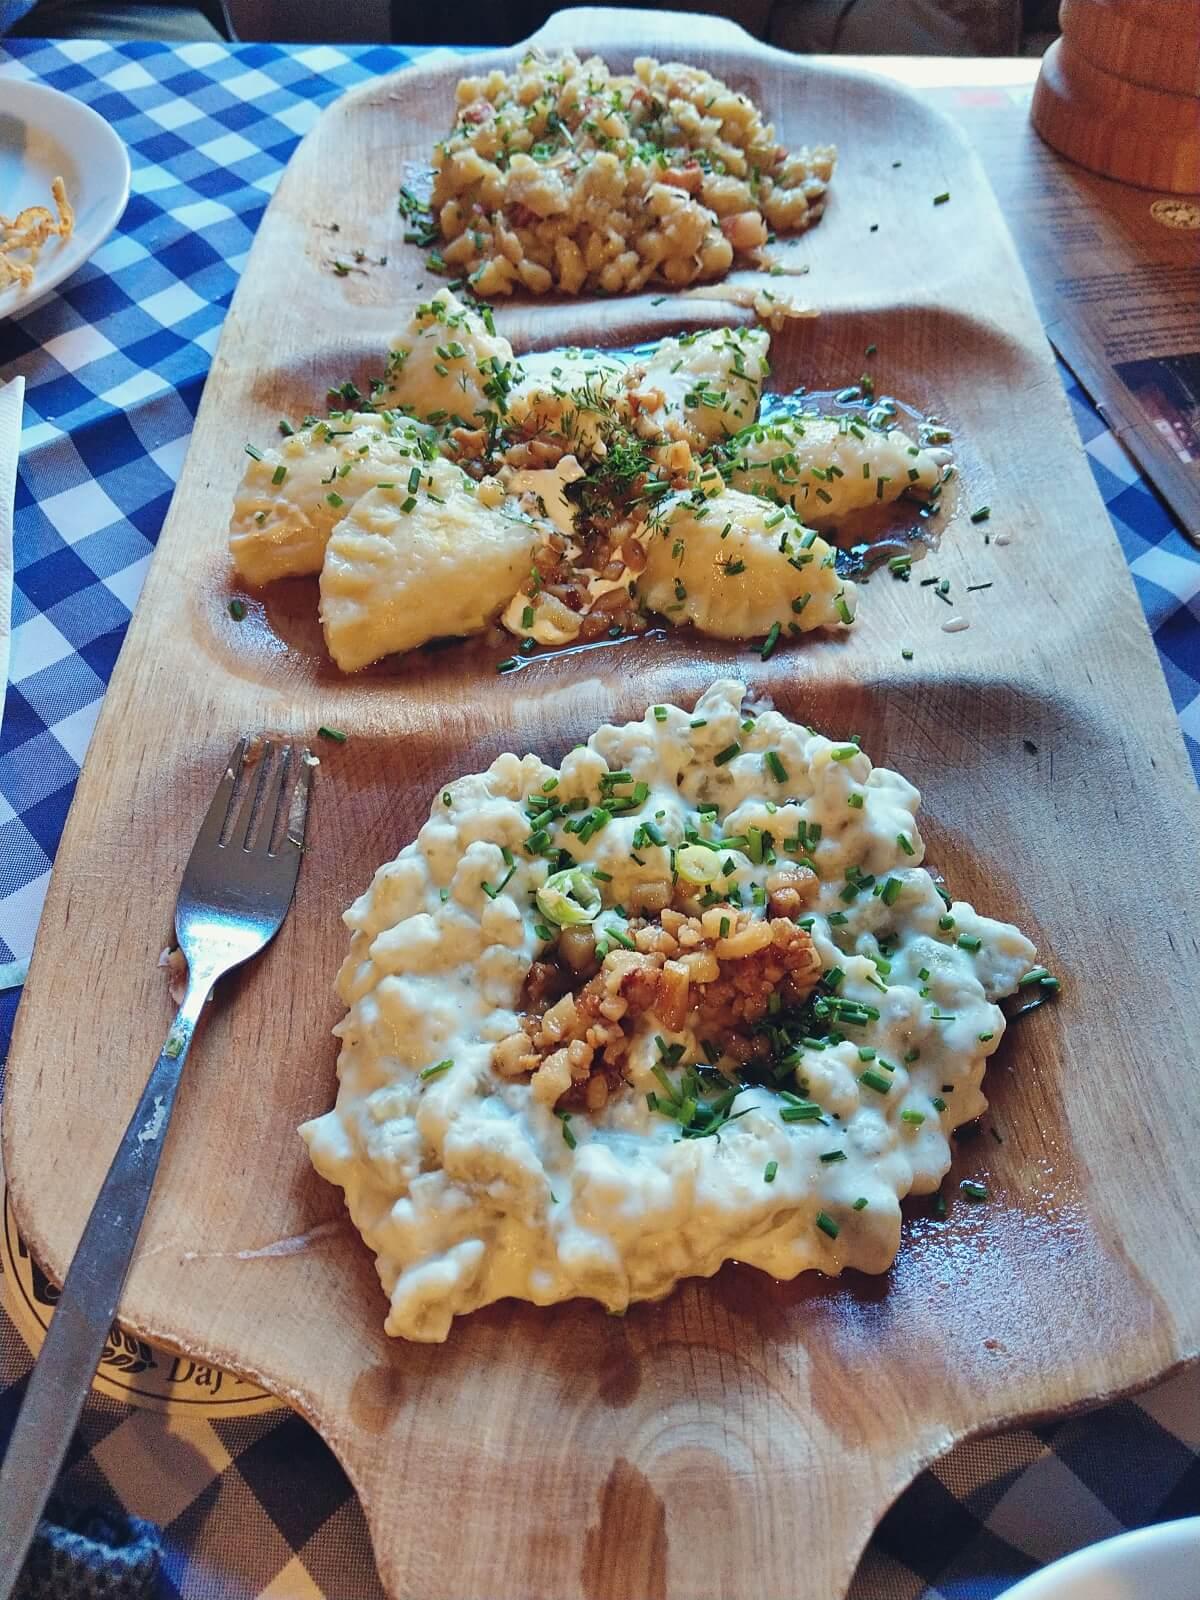 Haluszki to słowackie danie narodowe.